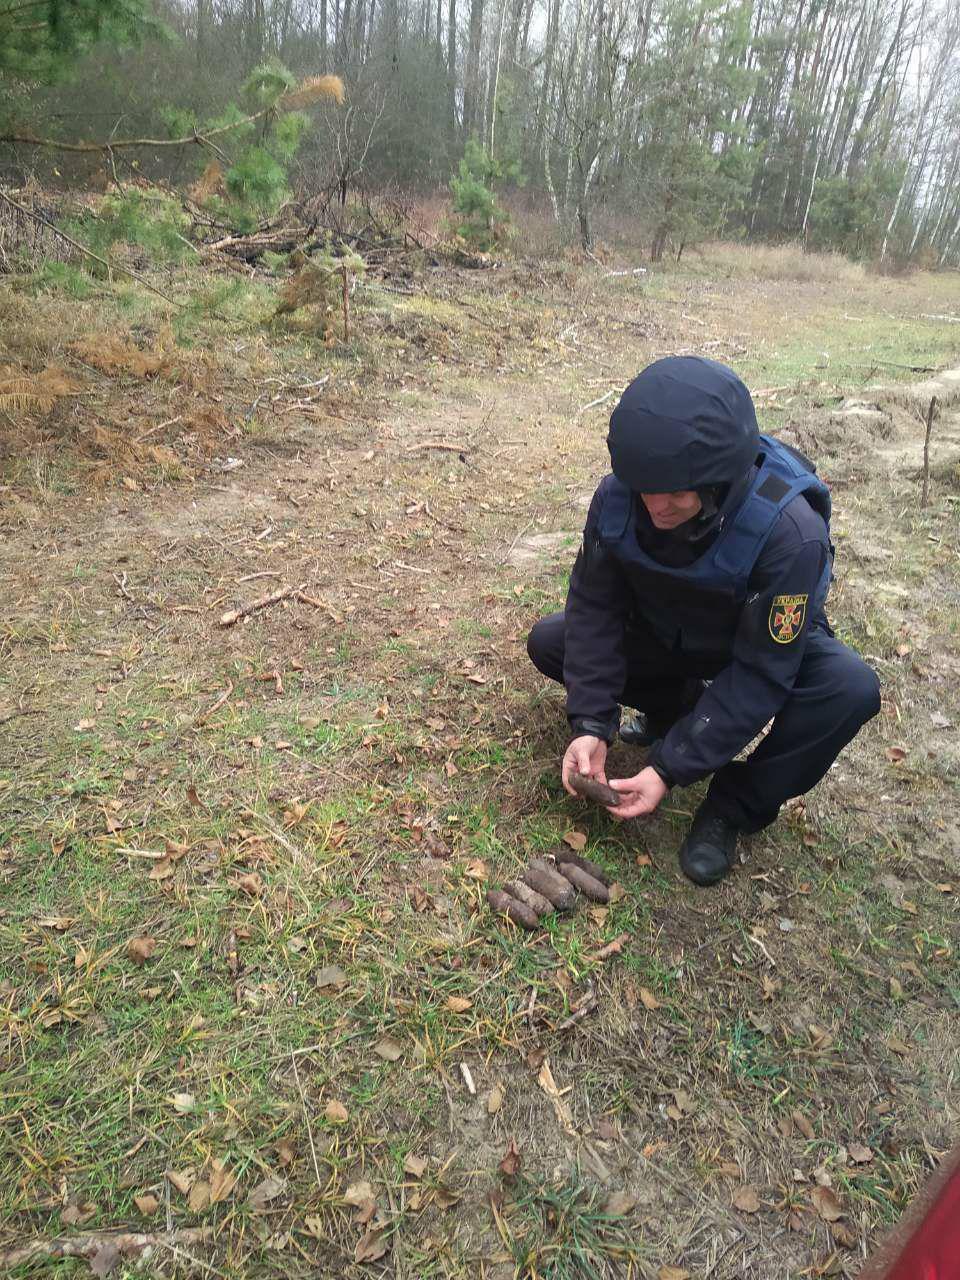 На Іванківщині виявили та знешкодили артилерійські снаряди -  - photo 2019 11 20 14 45 14